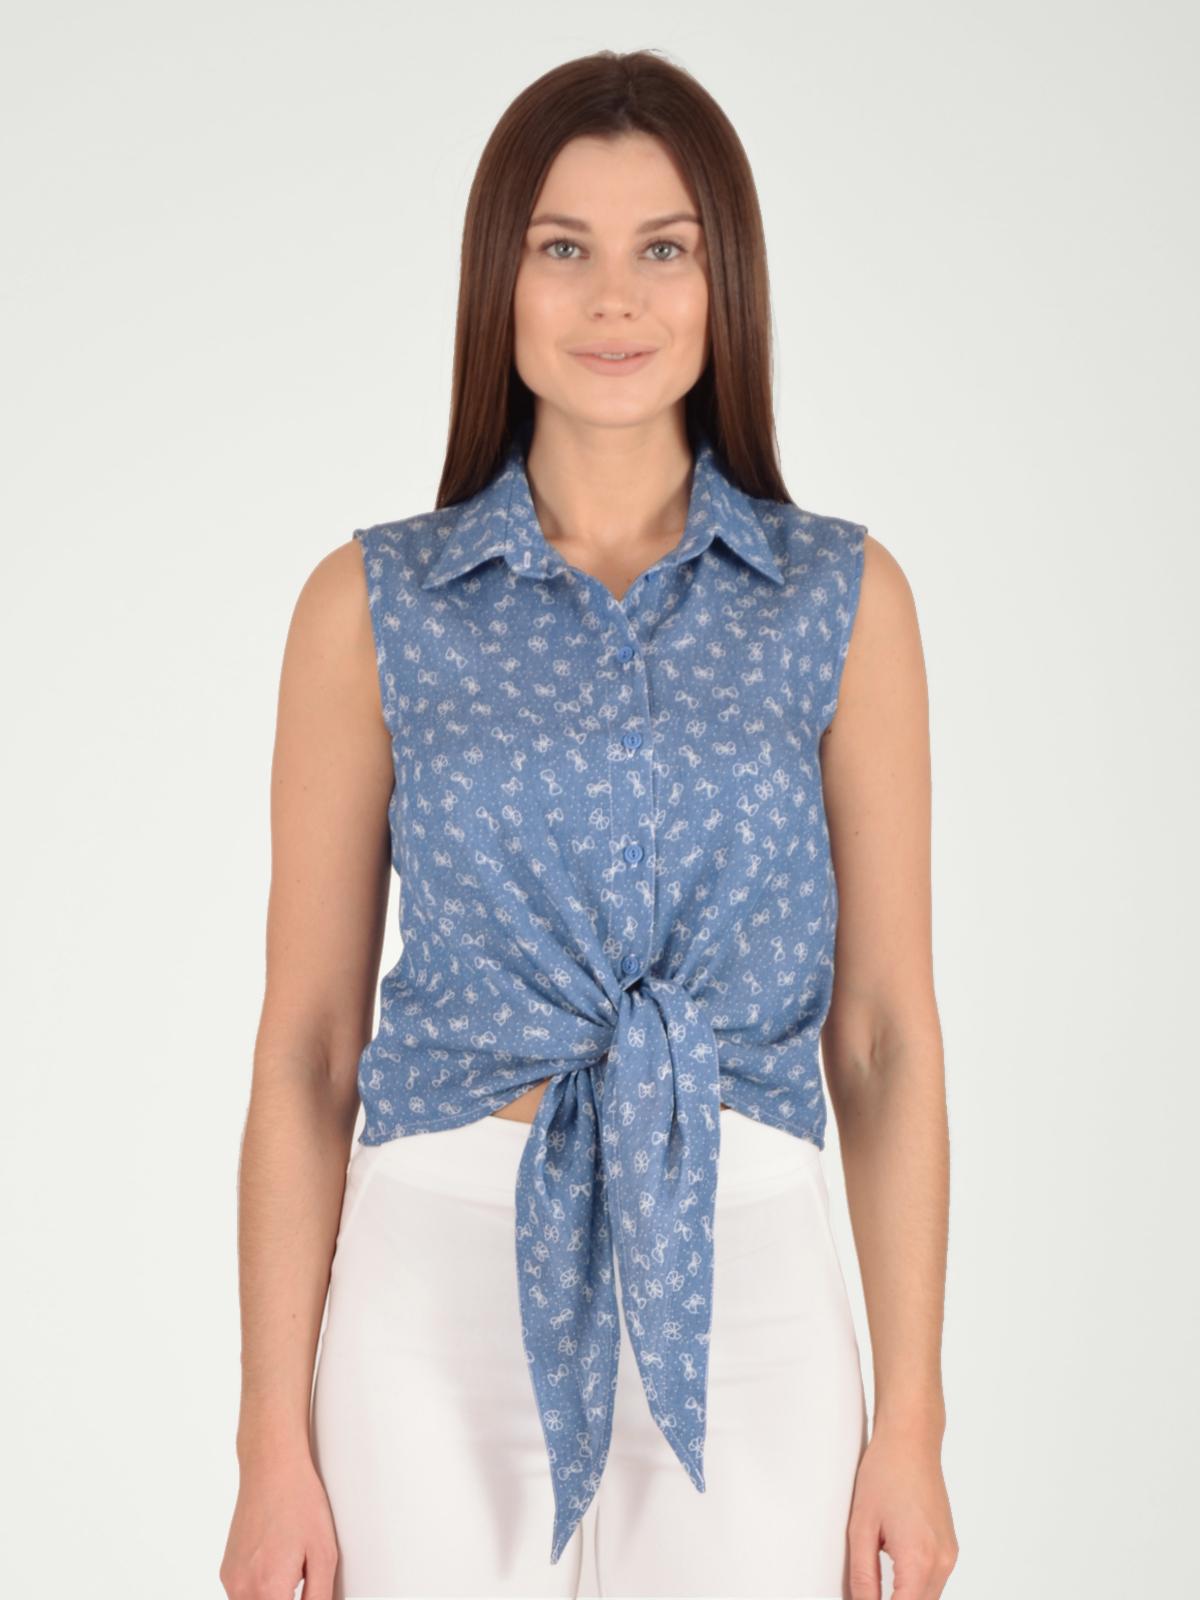 Купить Блузка женская из текстиля, МОСМЕХА, серо-голубой, 5600084